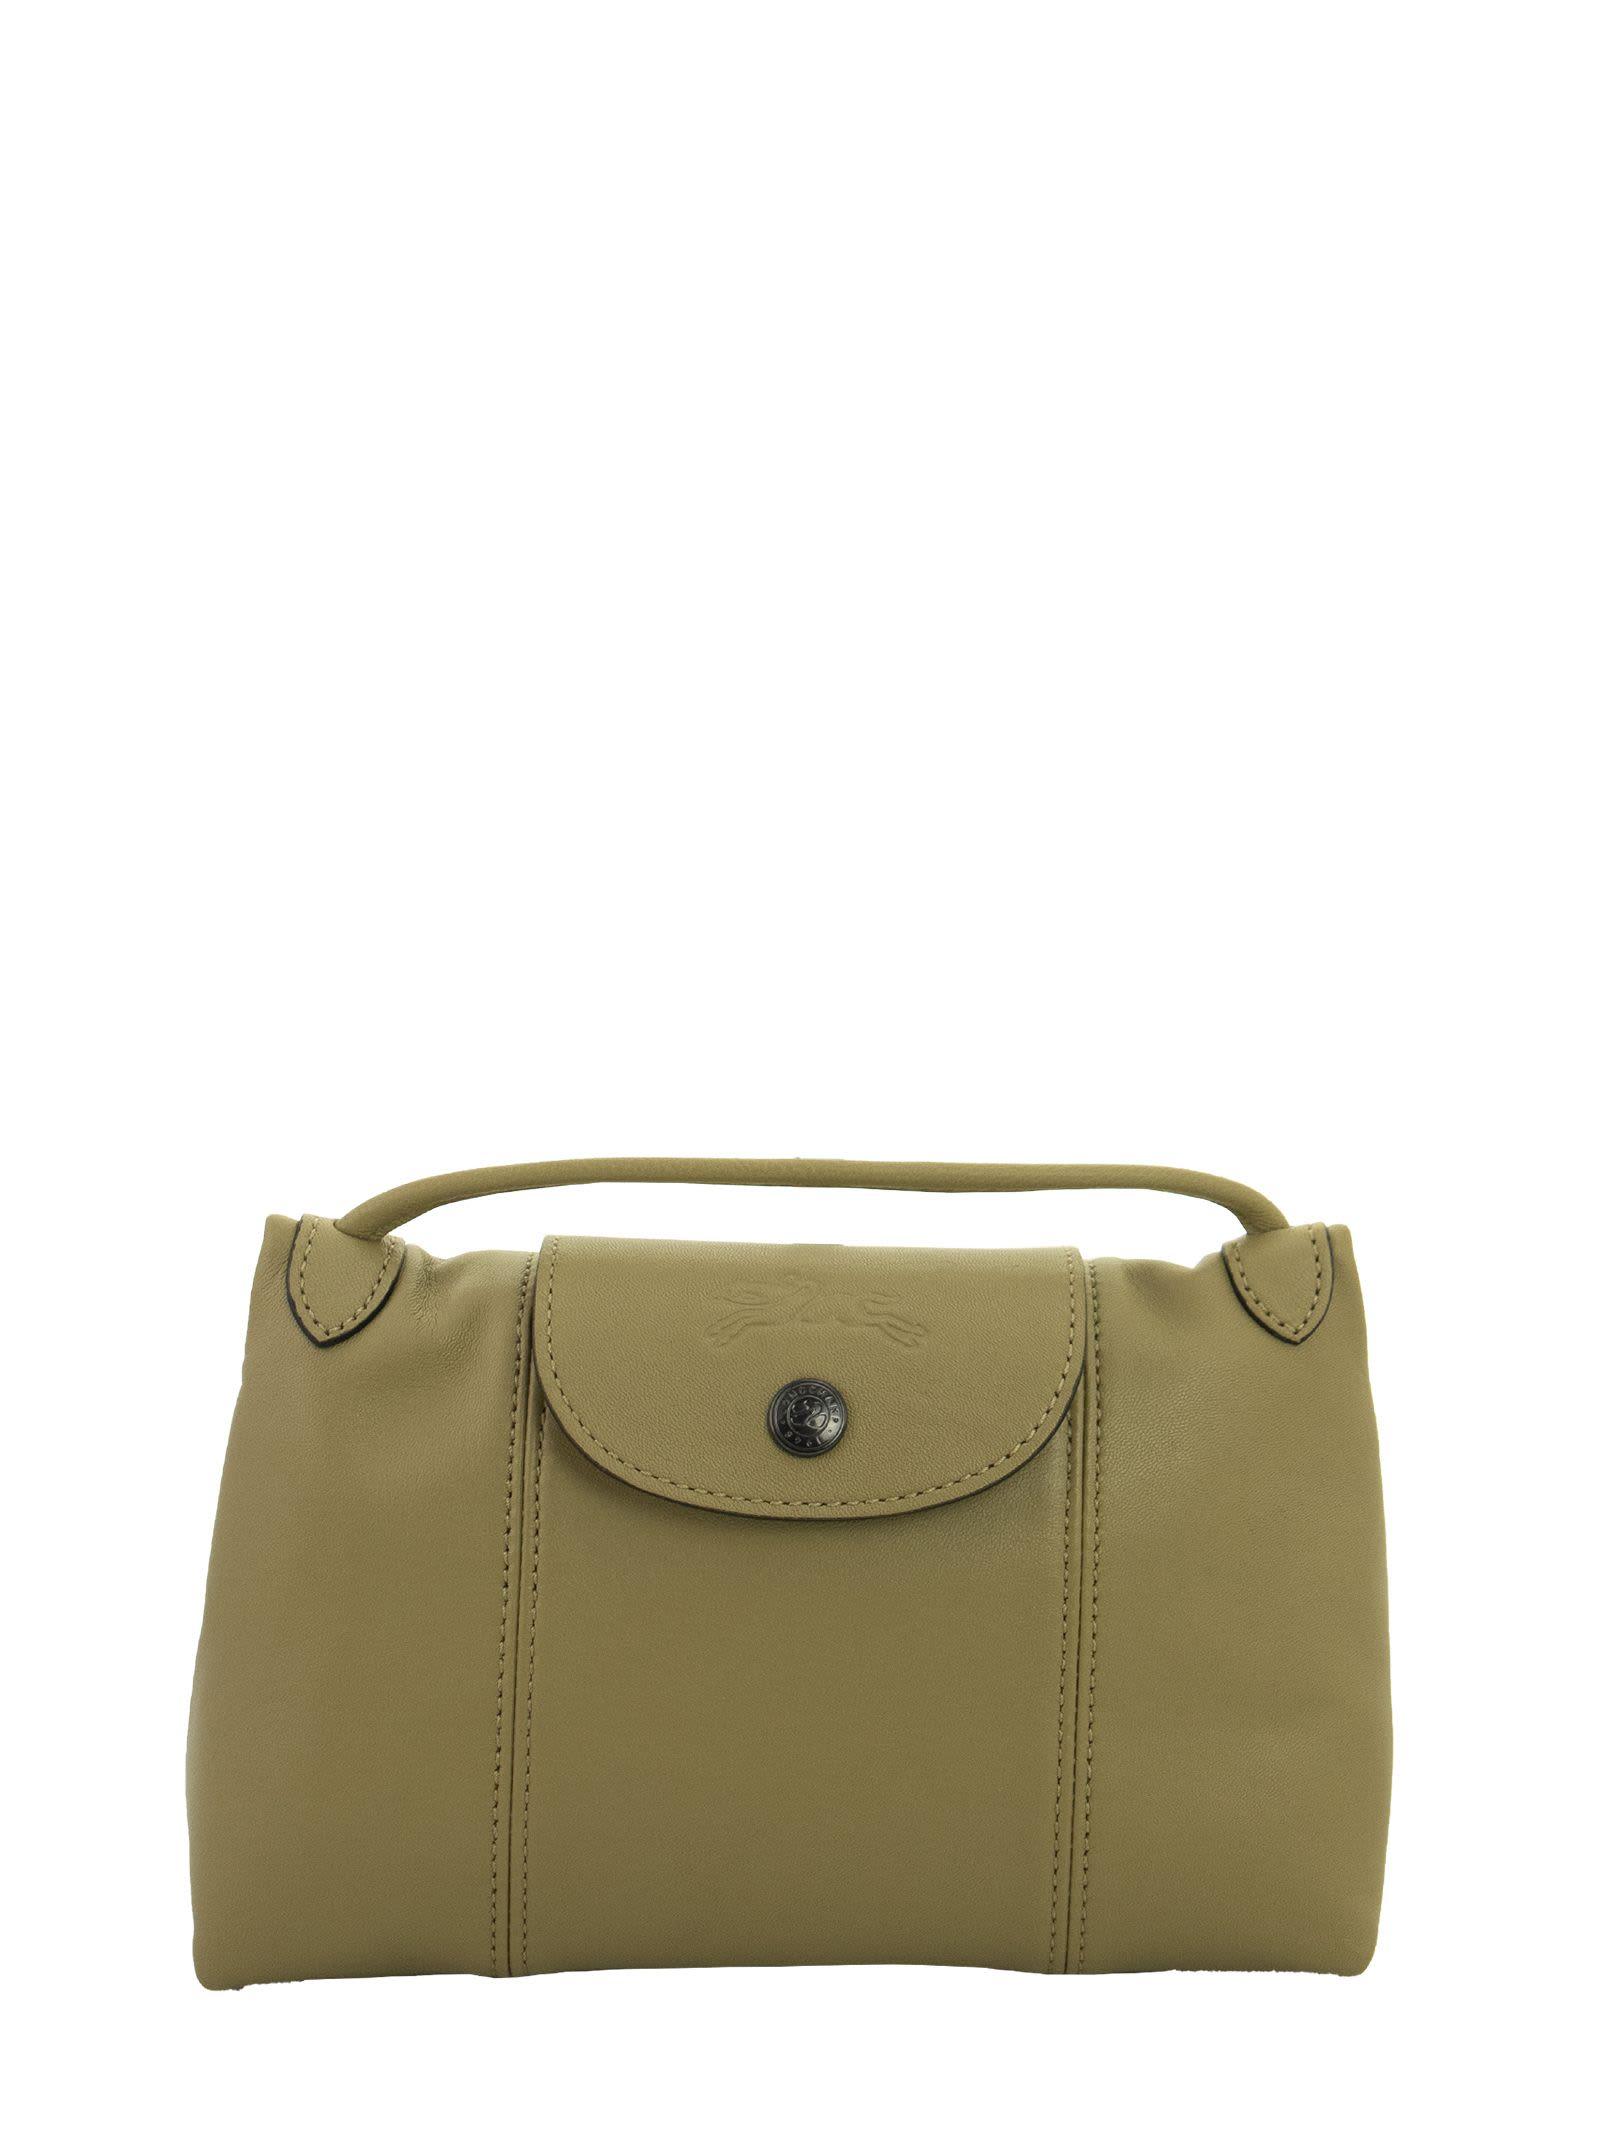 Le Pliage Cuir - Crossbody Bag In Khaki